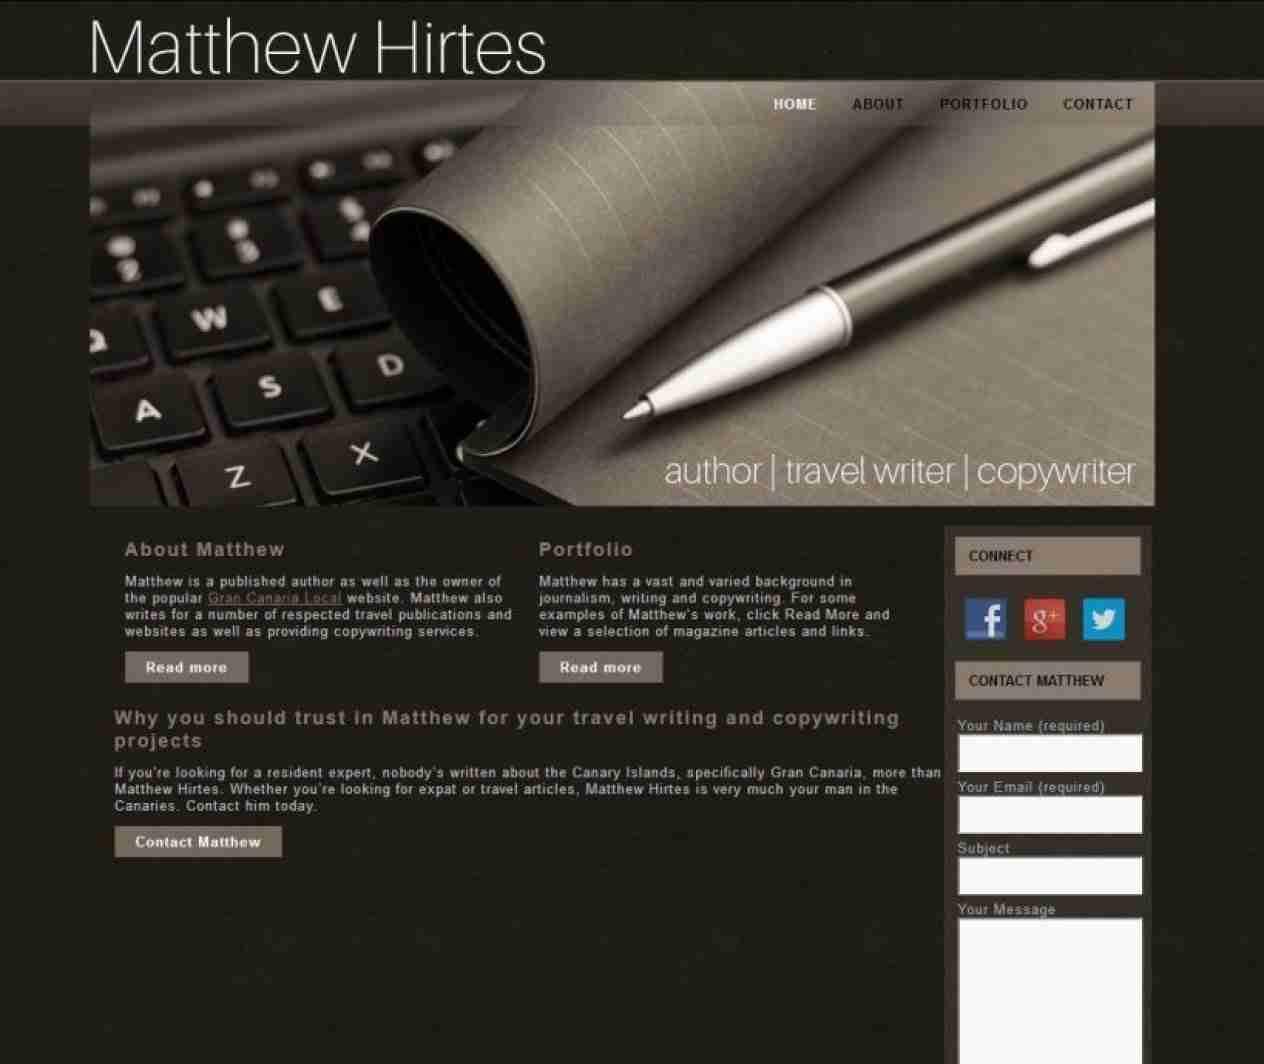 Matthew Hirtes